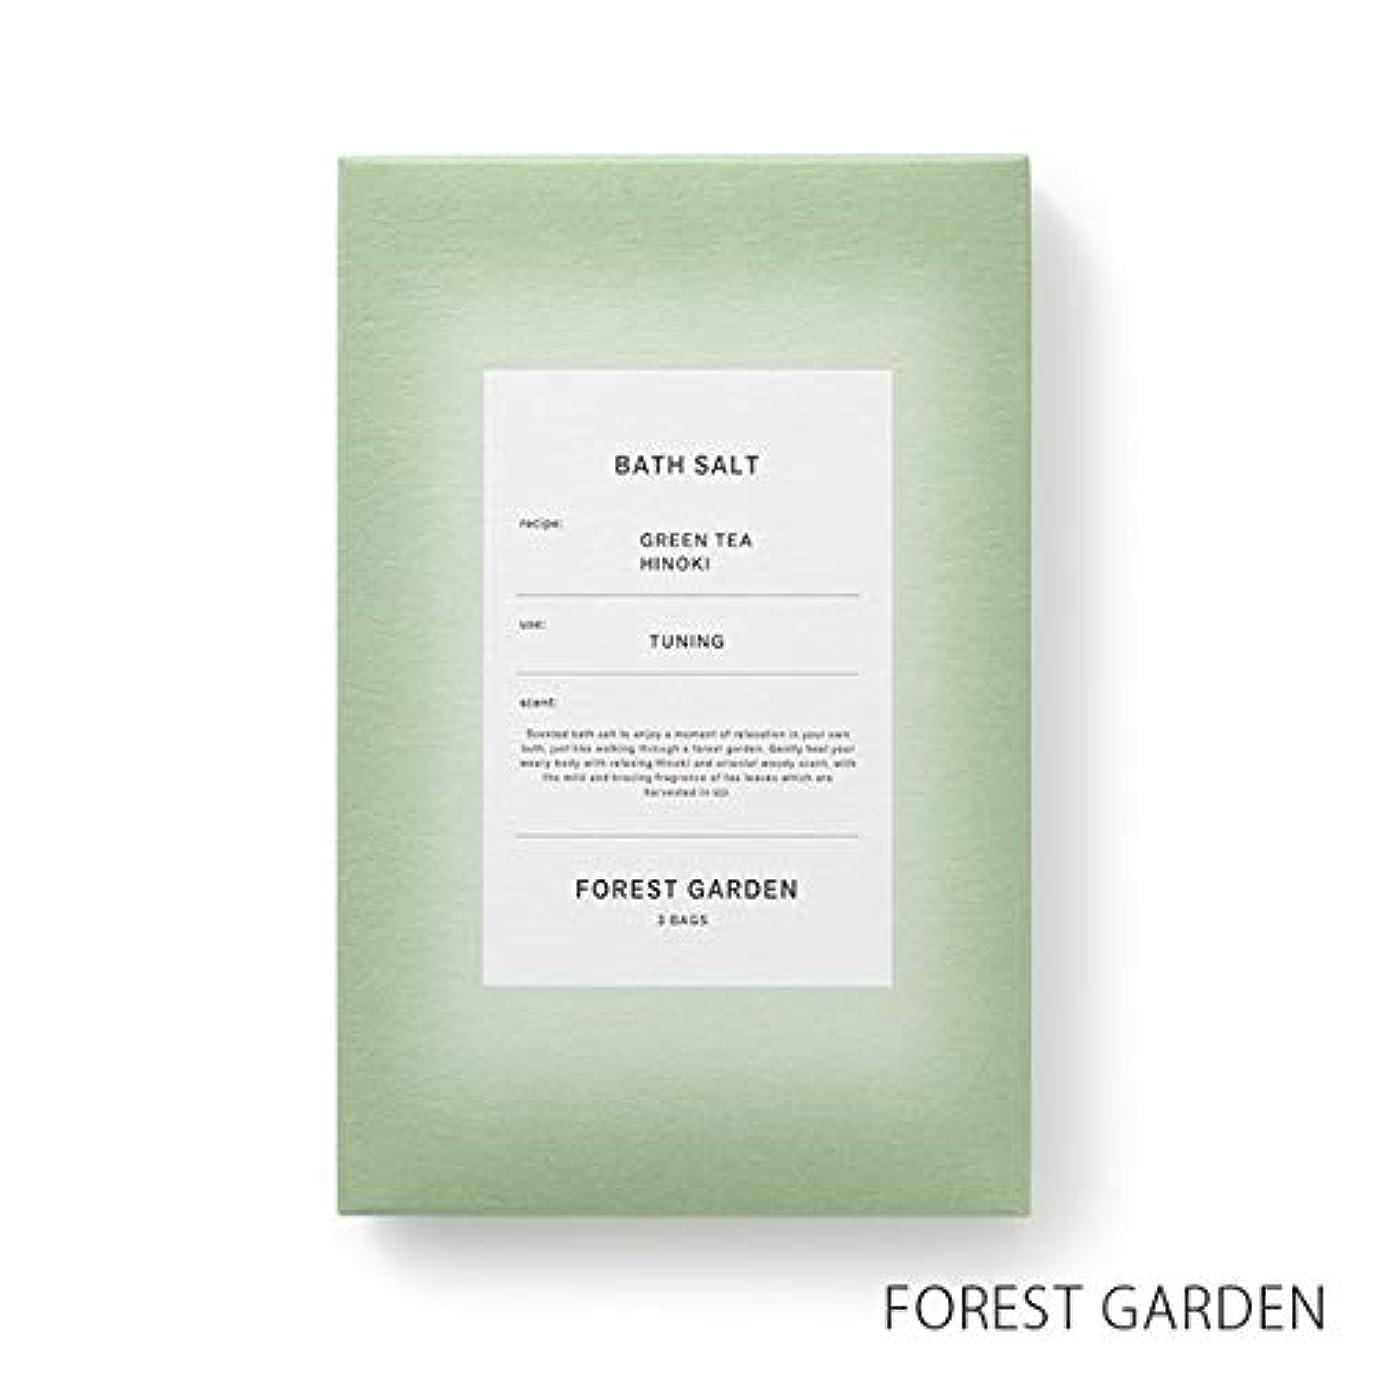 散髪軽減する宇宙飛行士【薫玉堂】 バスソルト FOREST GARDEN 森の庭 緑 和 宇治茶の香り